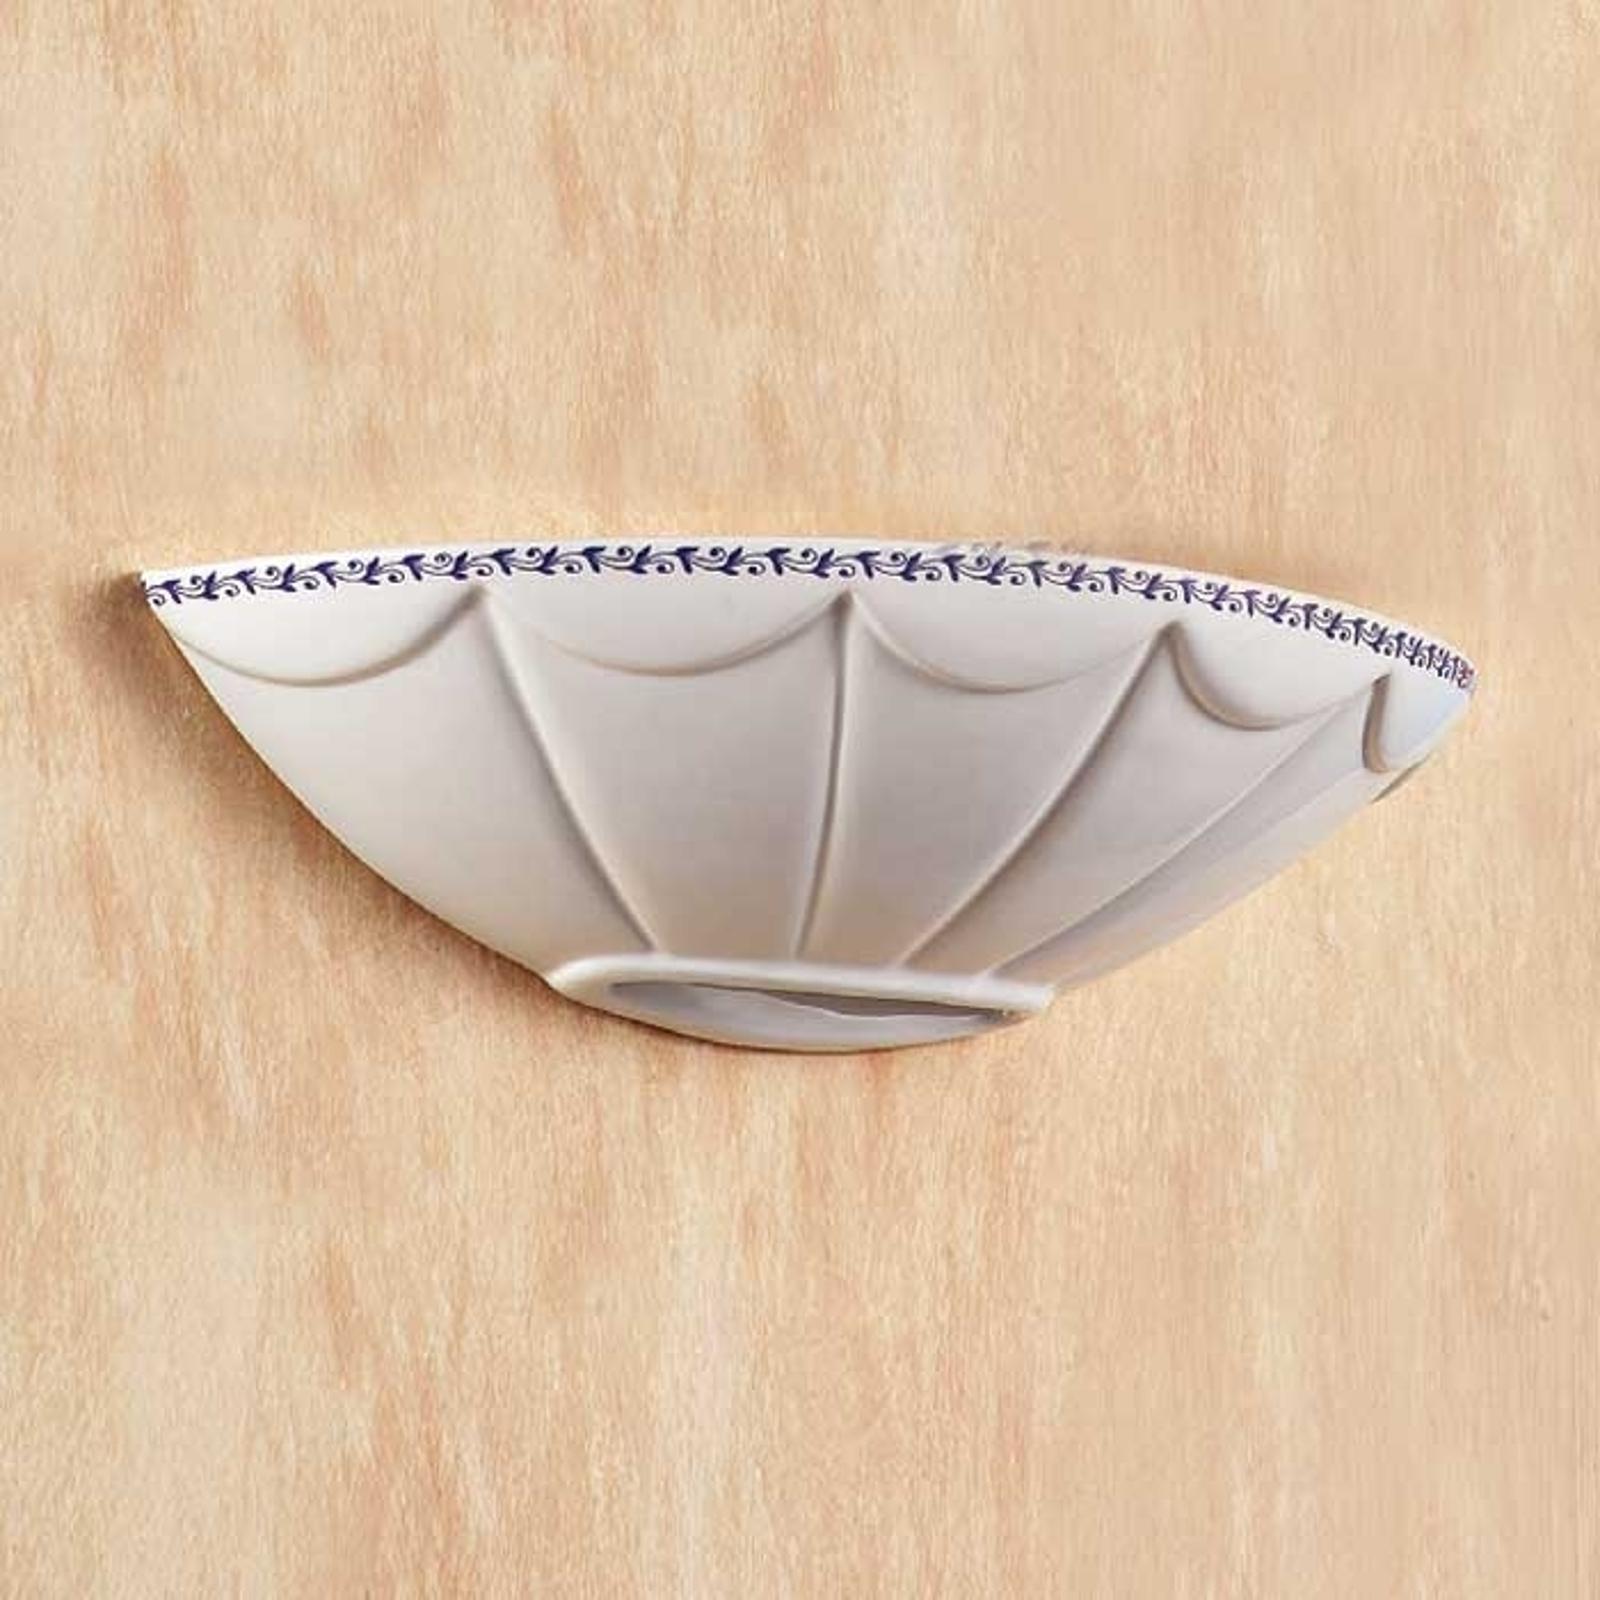 Applique Il Punti coupe semi-circulaire céramique